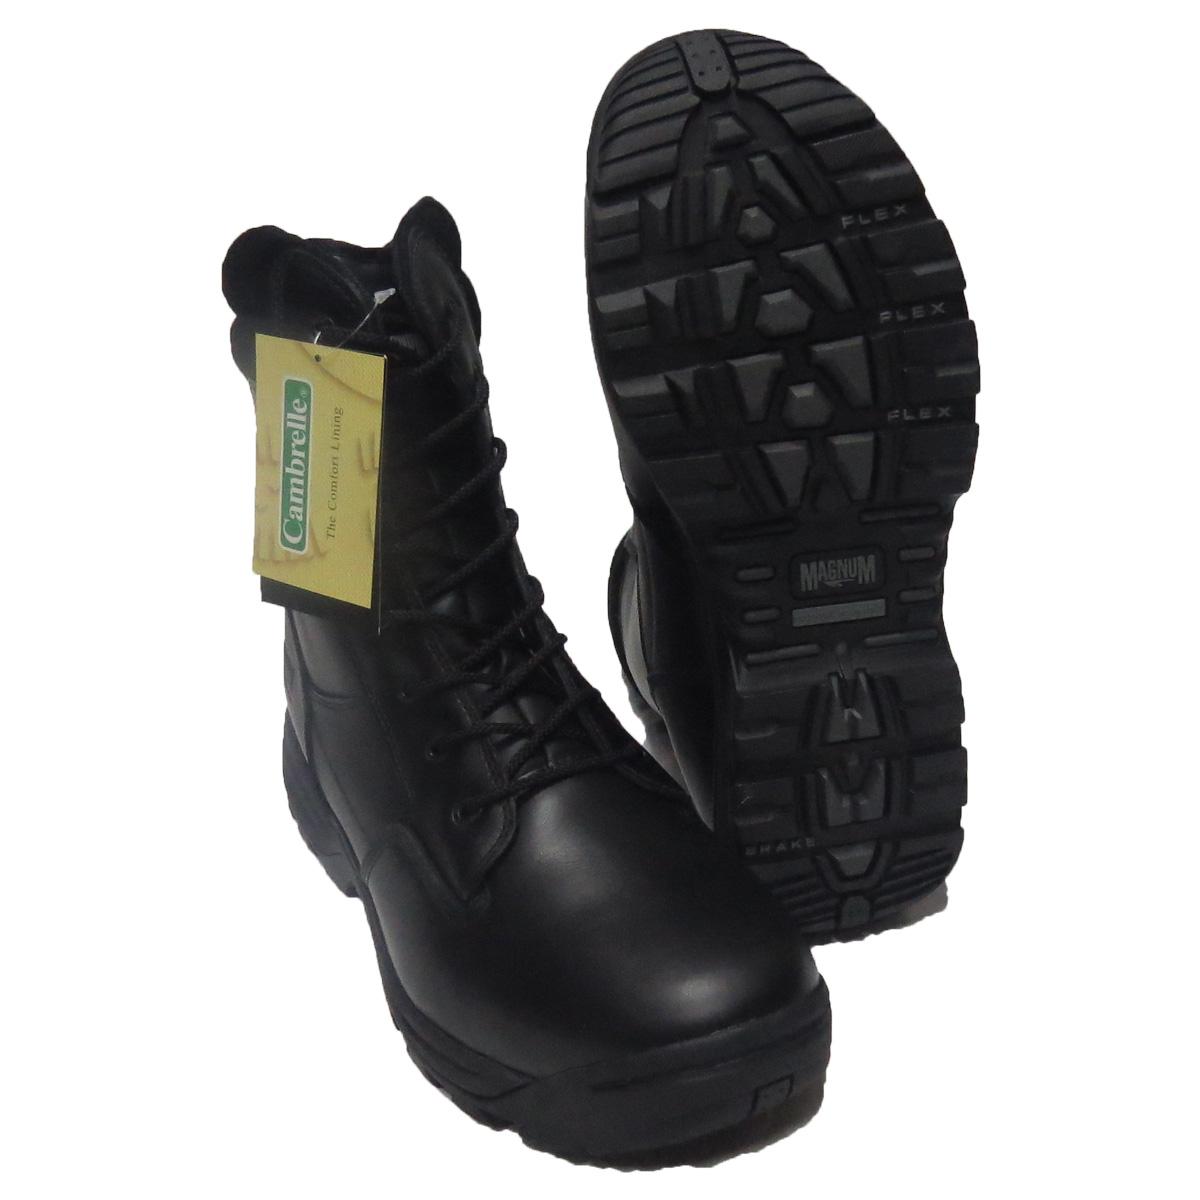 Magnum čizme